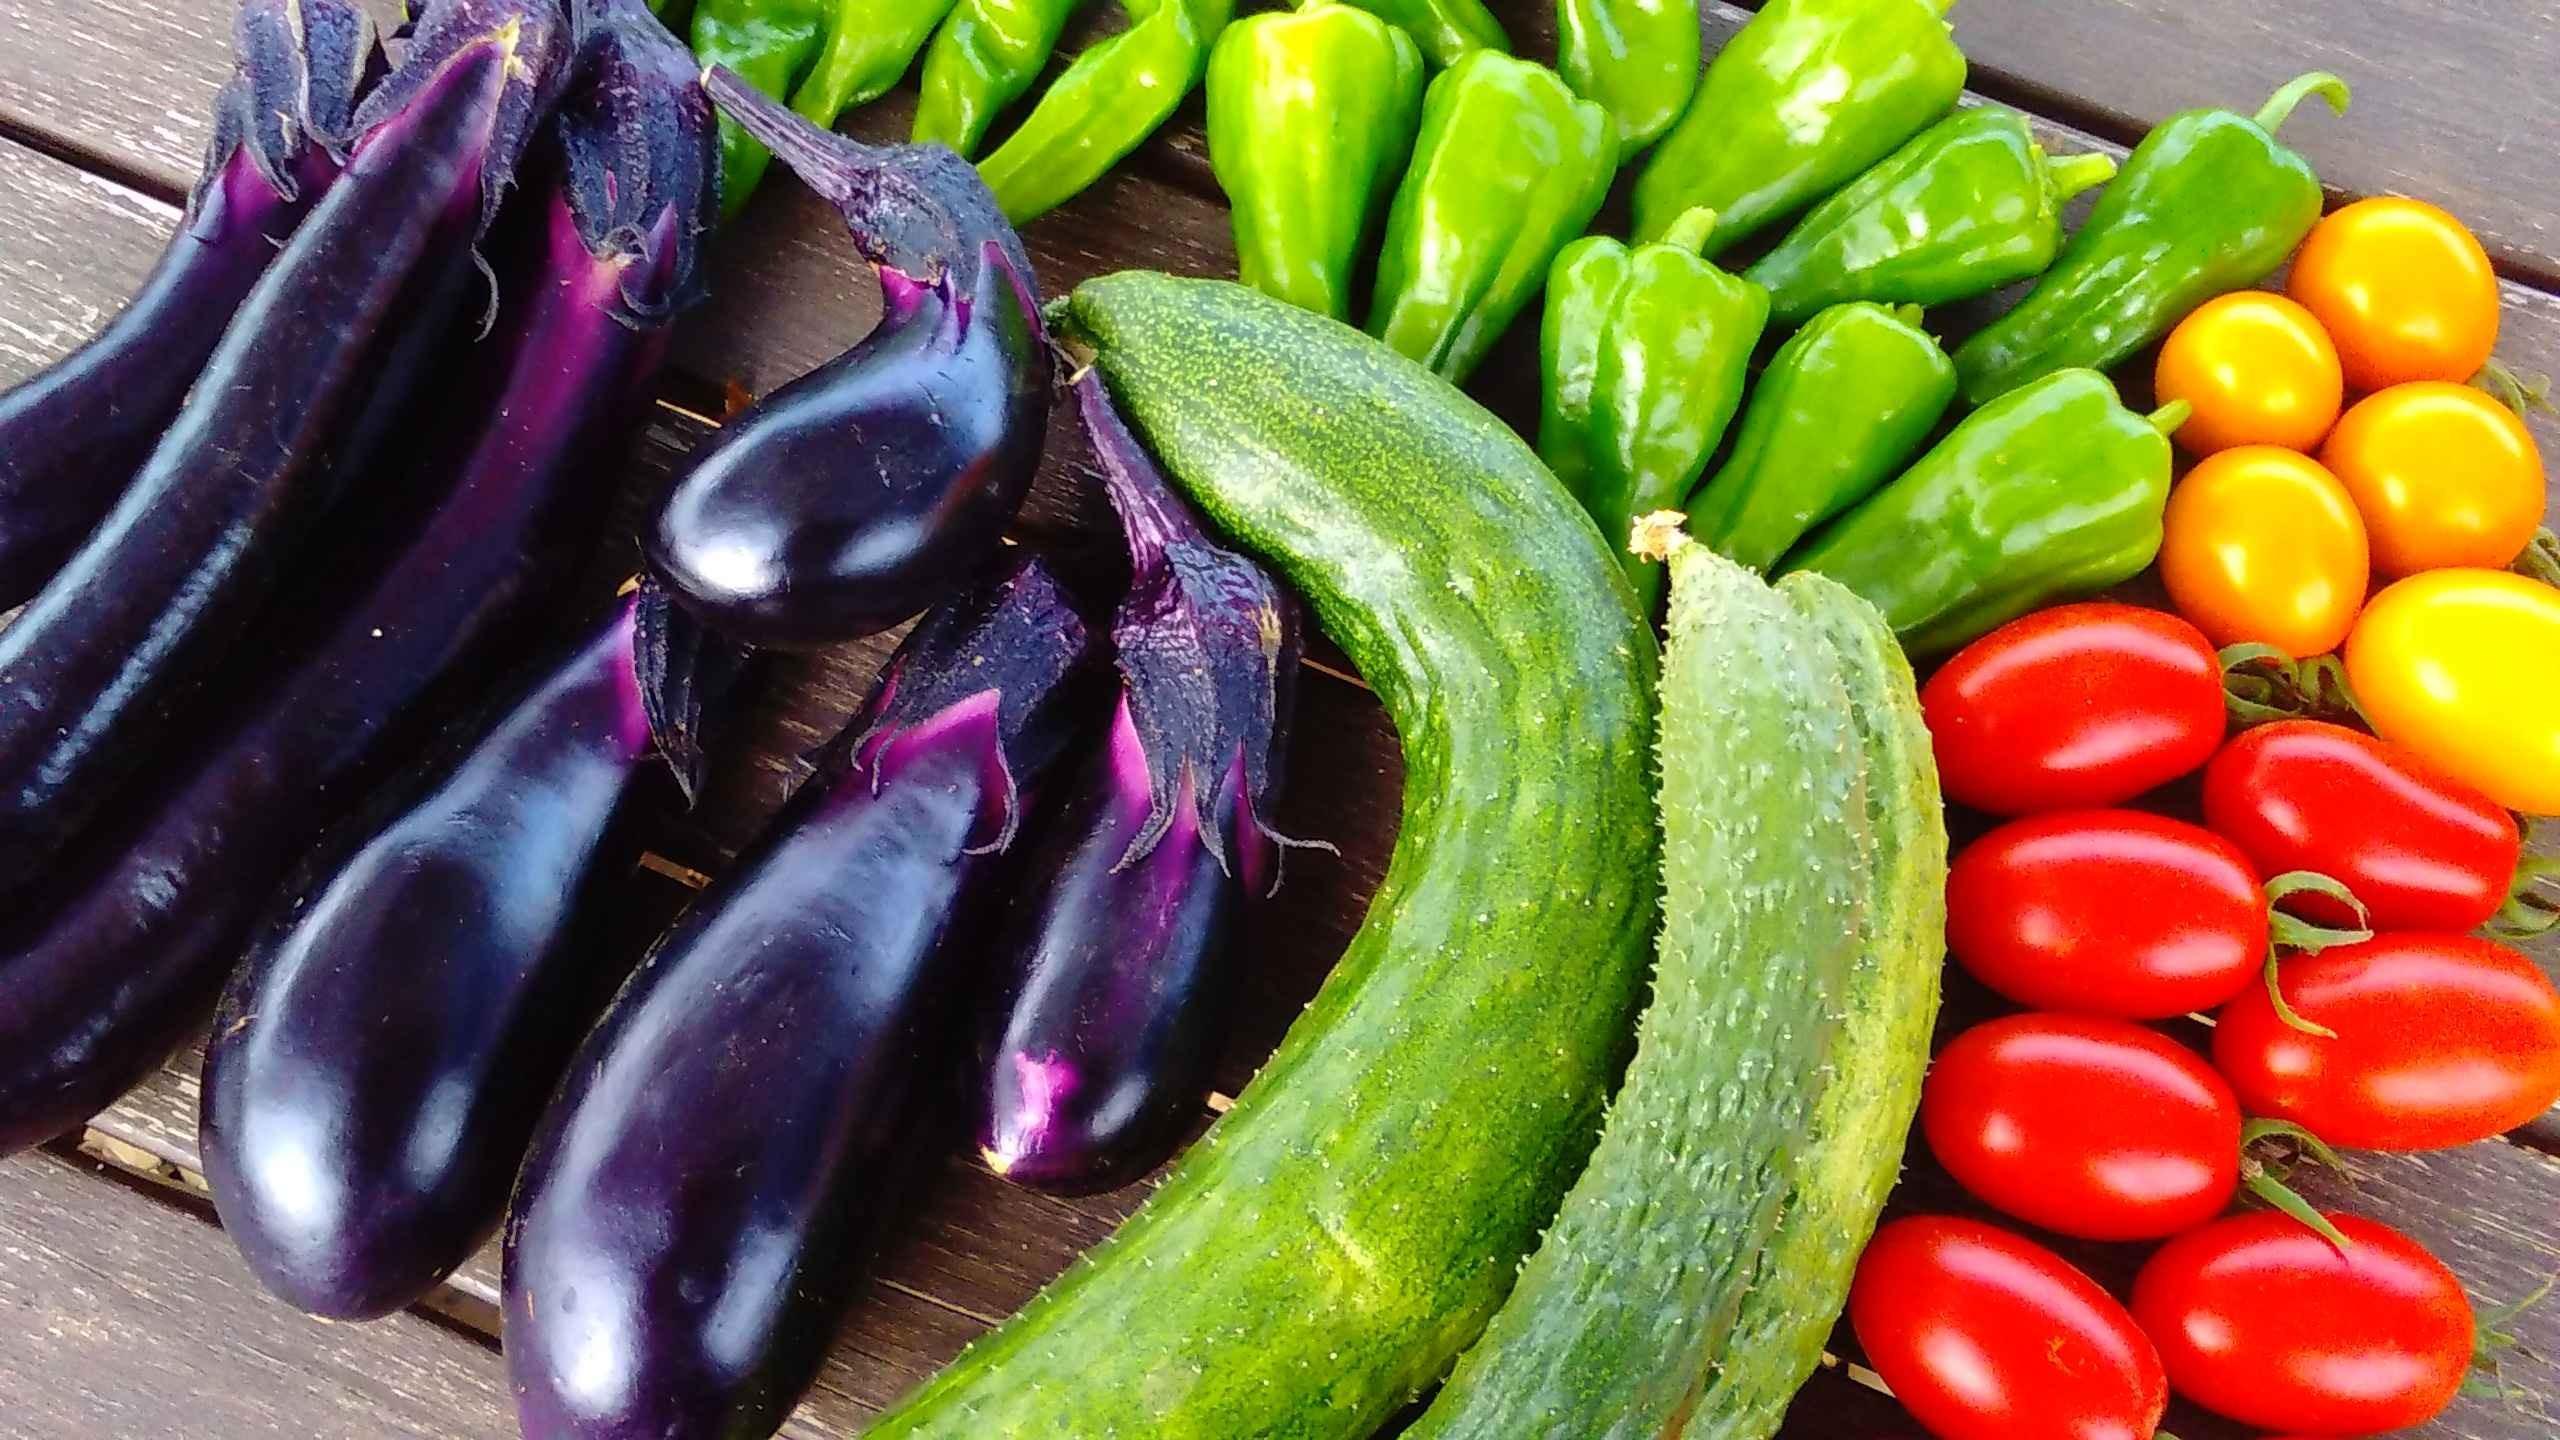 【シェア畑】お野菜作りにご興味のある方大募集‼【板橋】